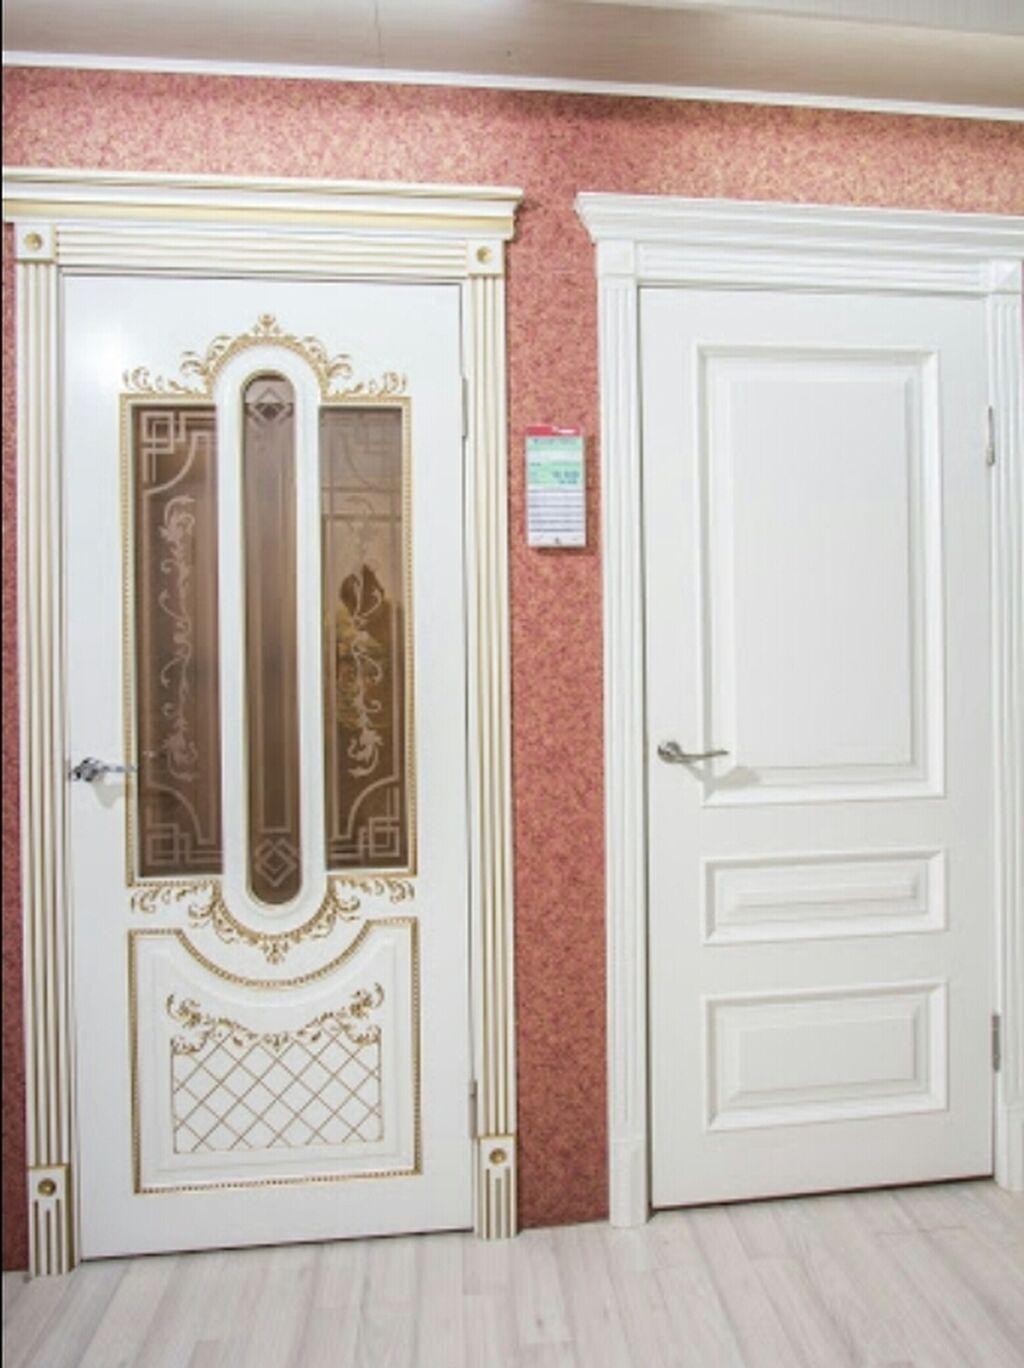 Двери | Установка | Больше 6 лет опыта: Двери | Установка | Больше 6 лет опыта